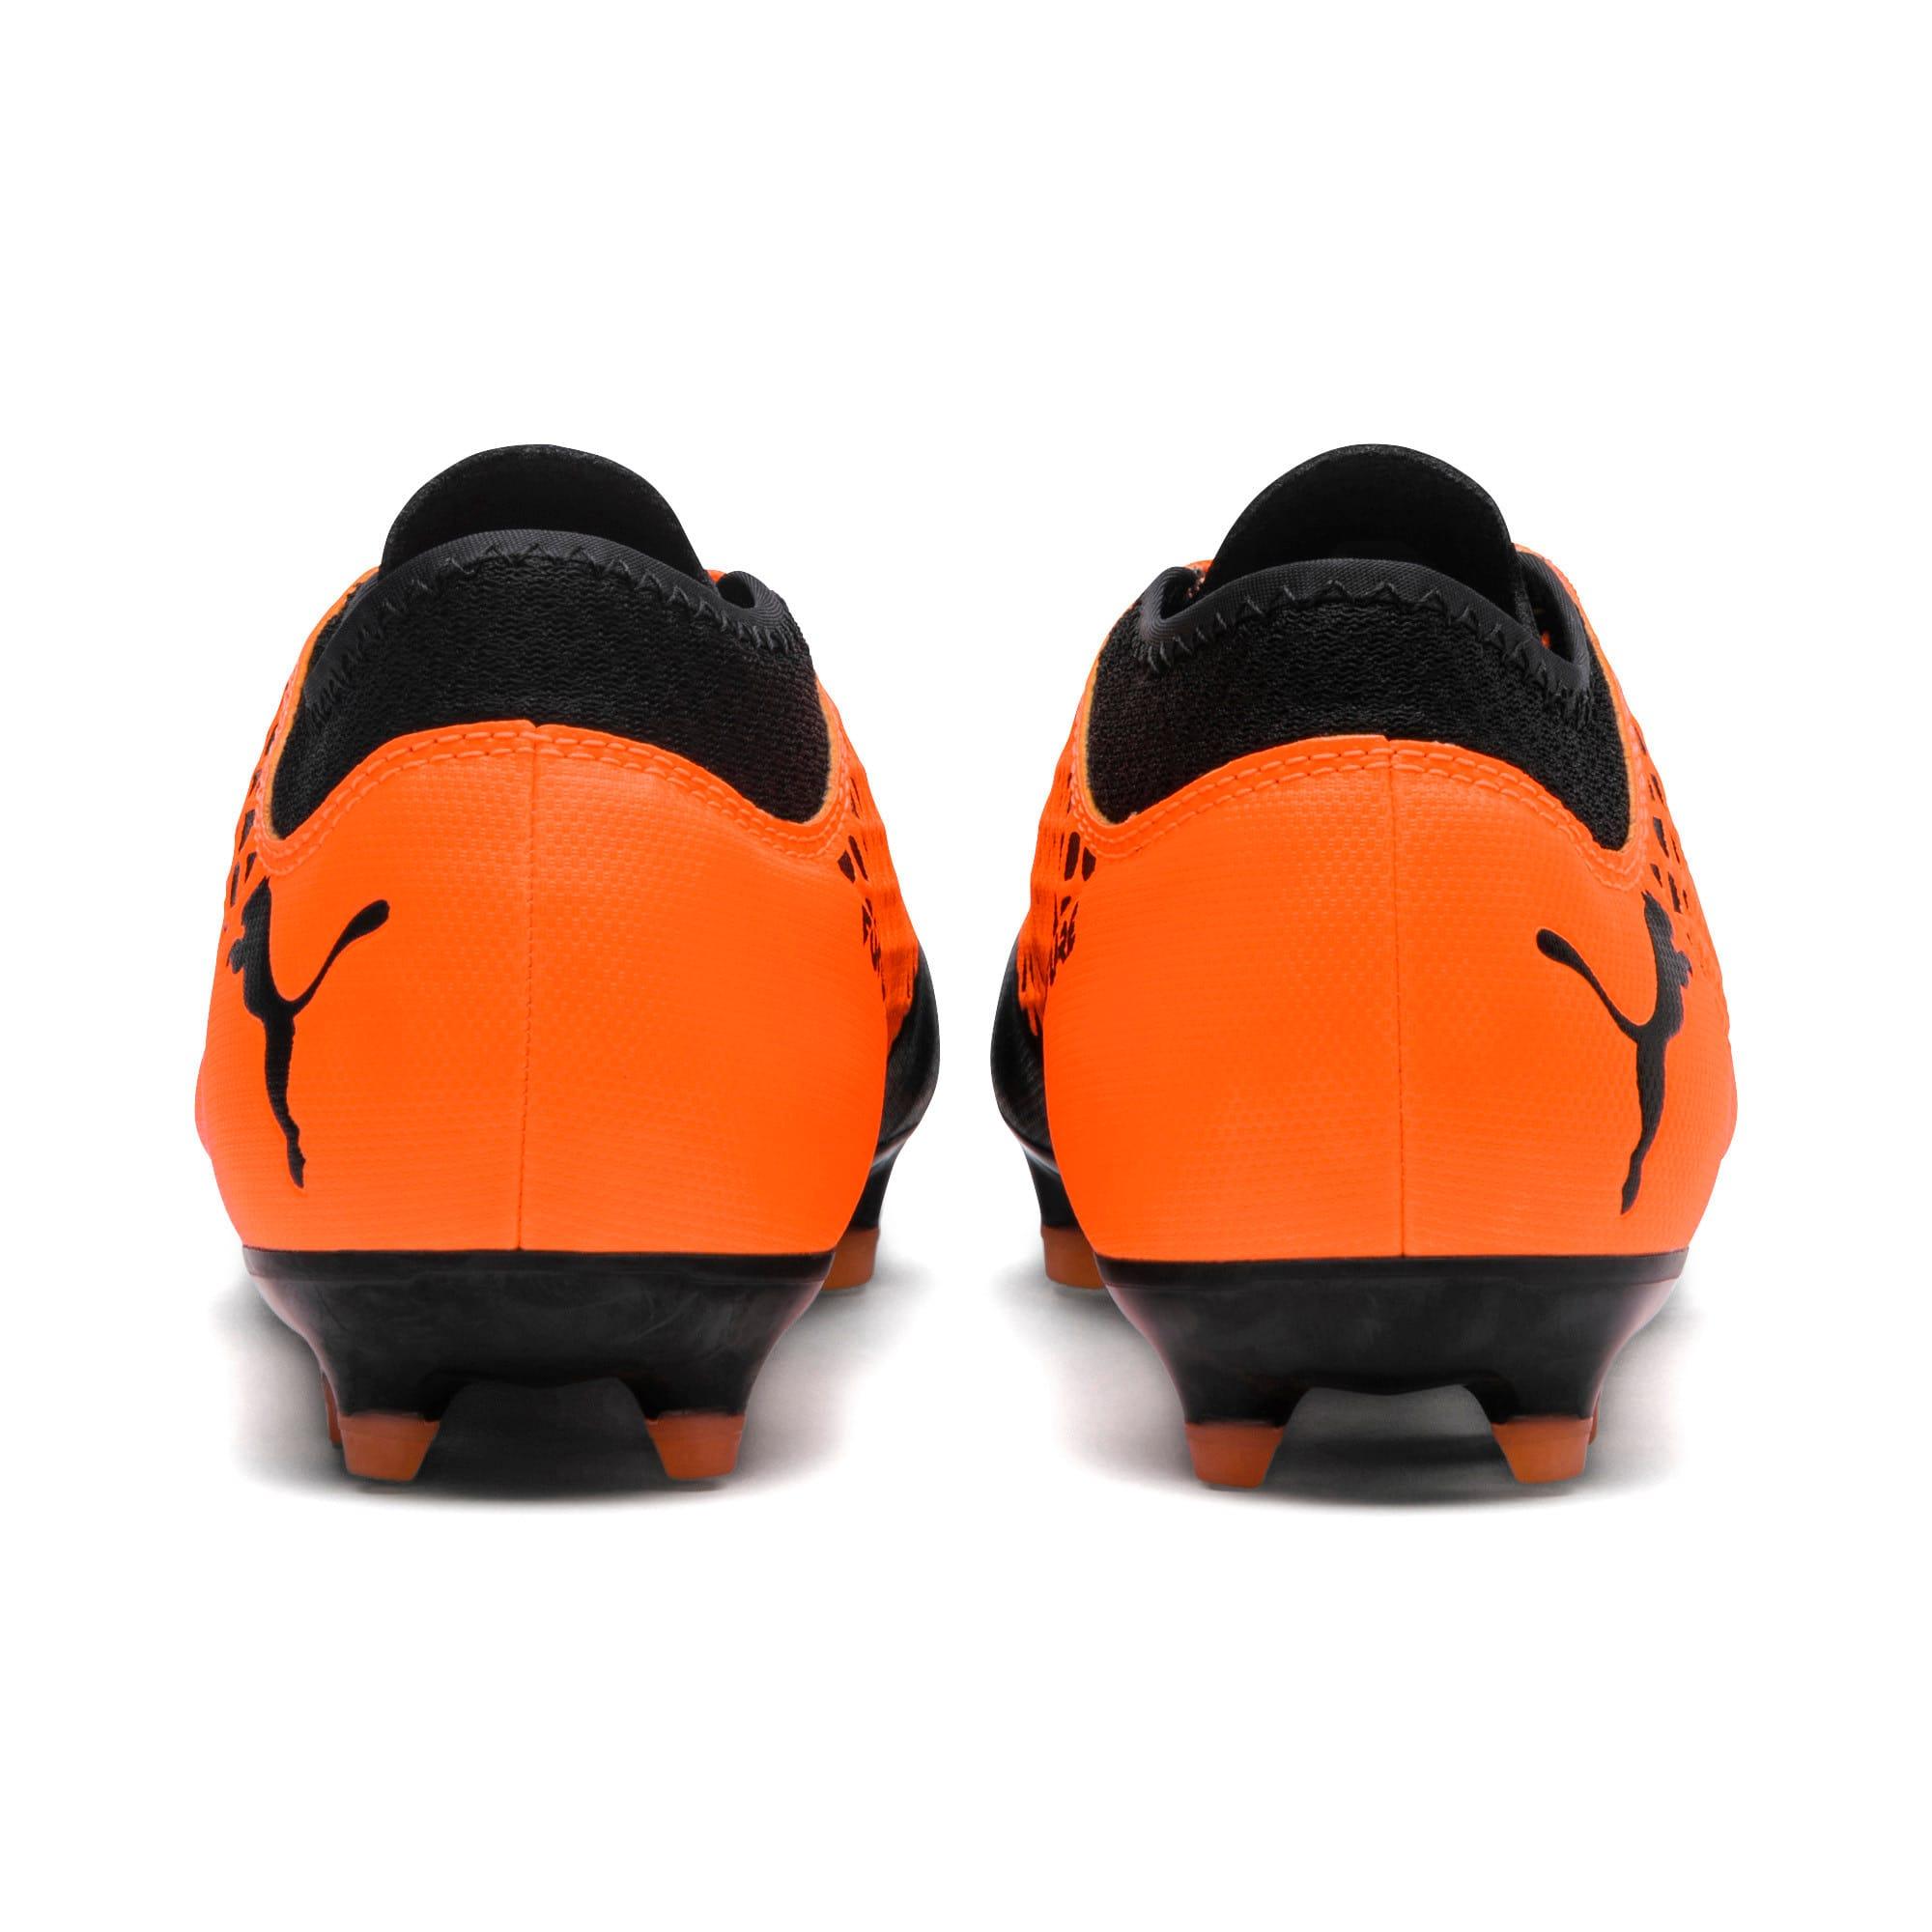 Thumbnail 3 of FUTURE 2.4 FG/AG Kids' Football Boots, Black-Orange, medium-IND